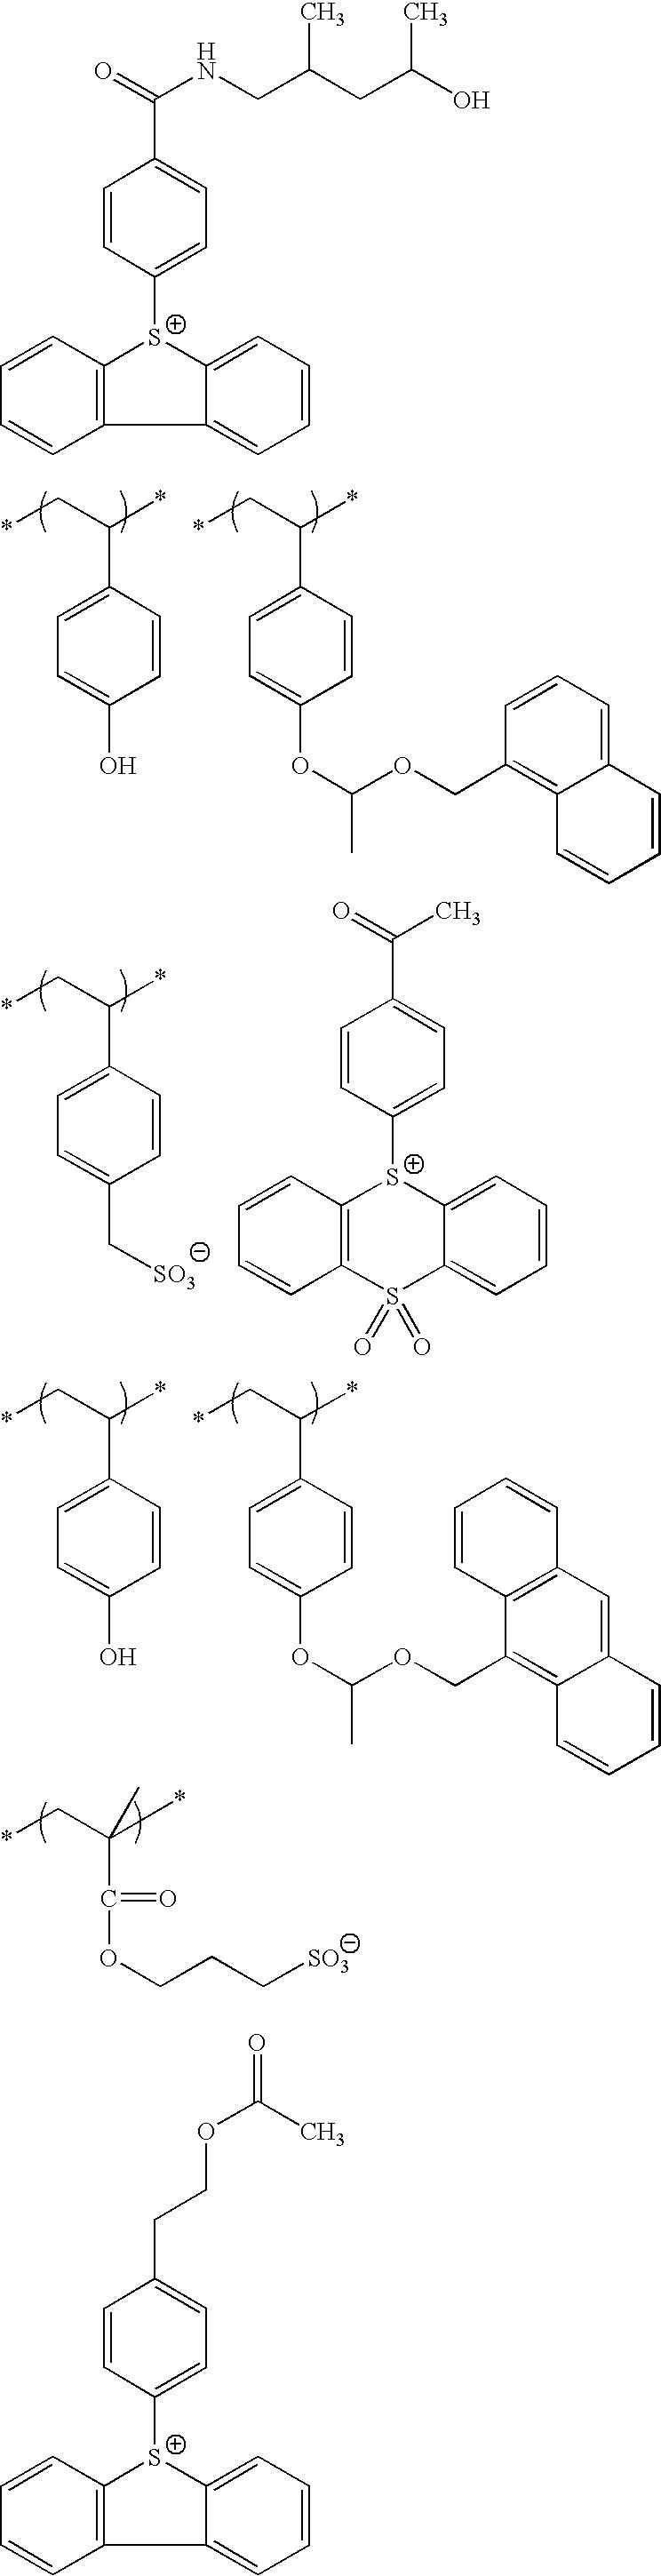 Figure US20100183975A1-20100722-C00160